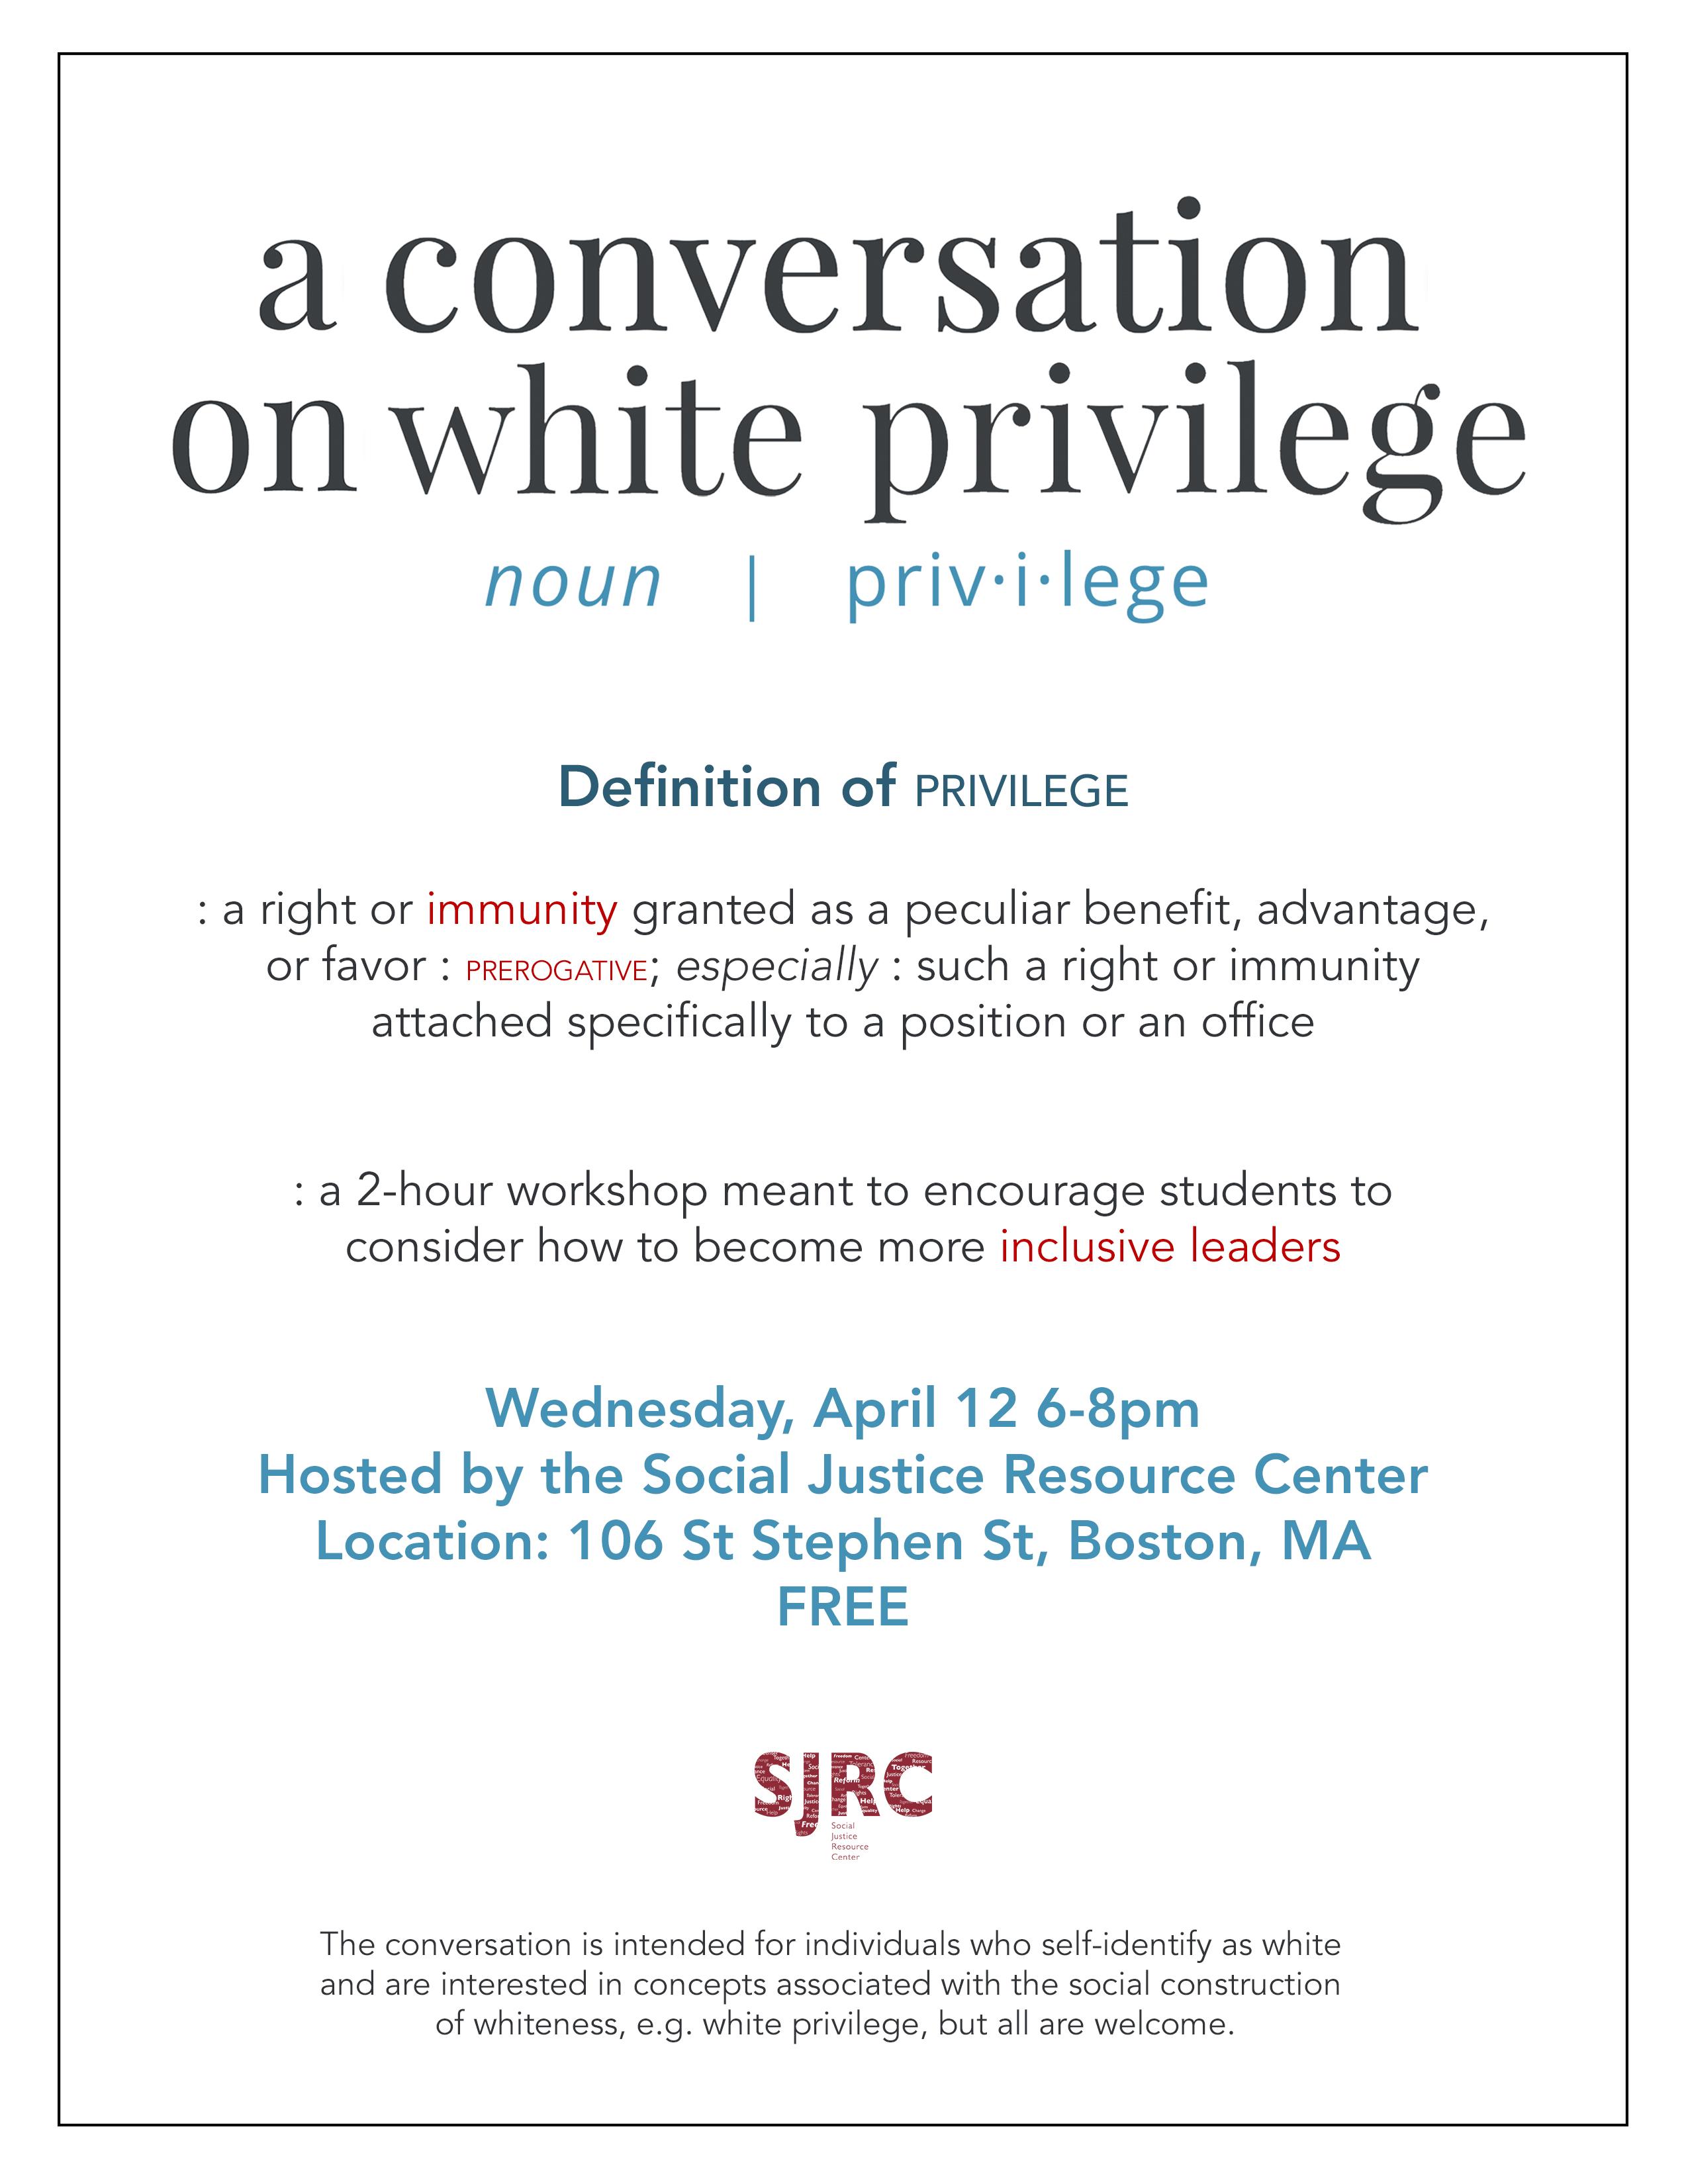 white priviledge